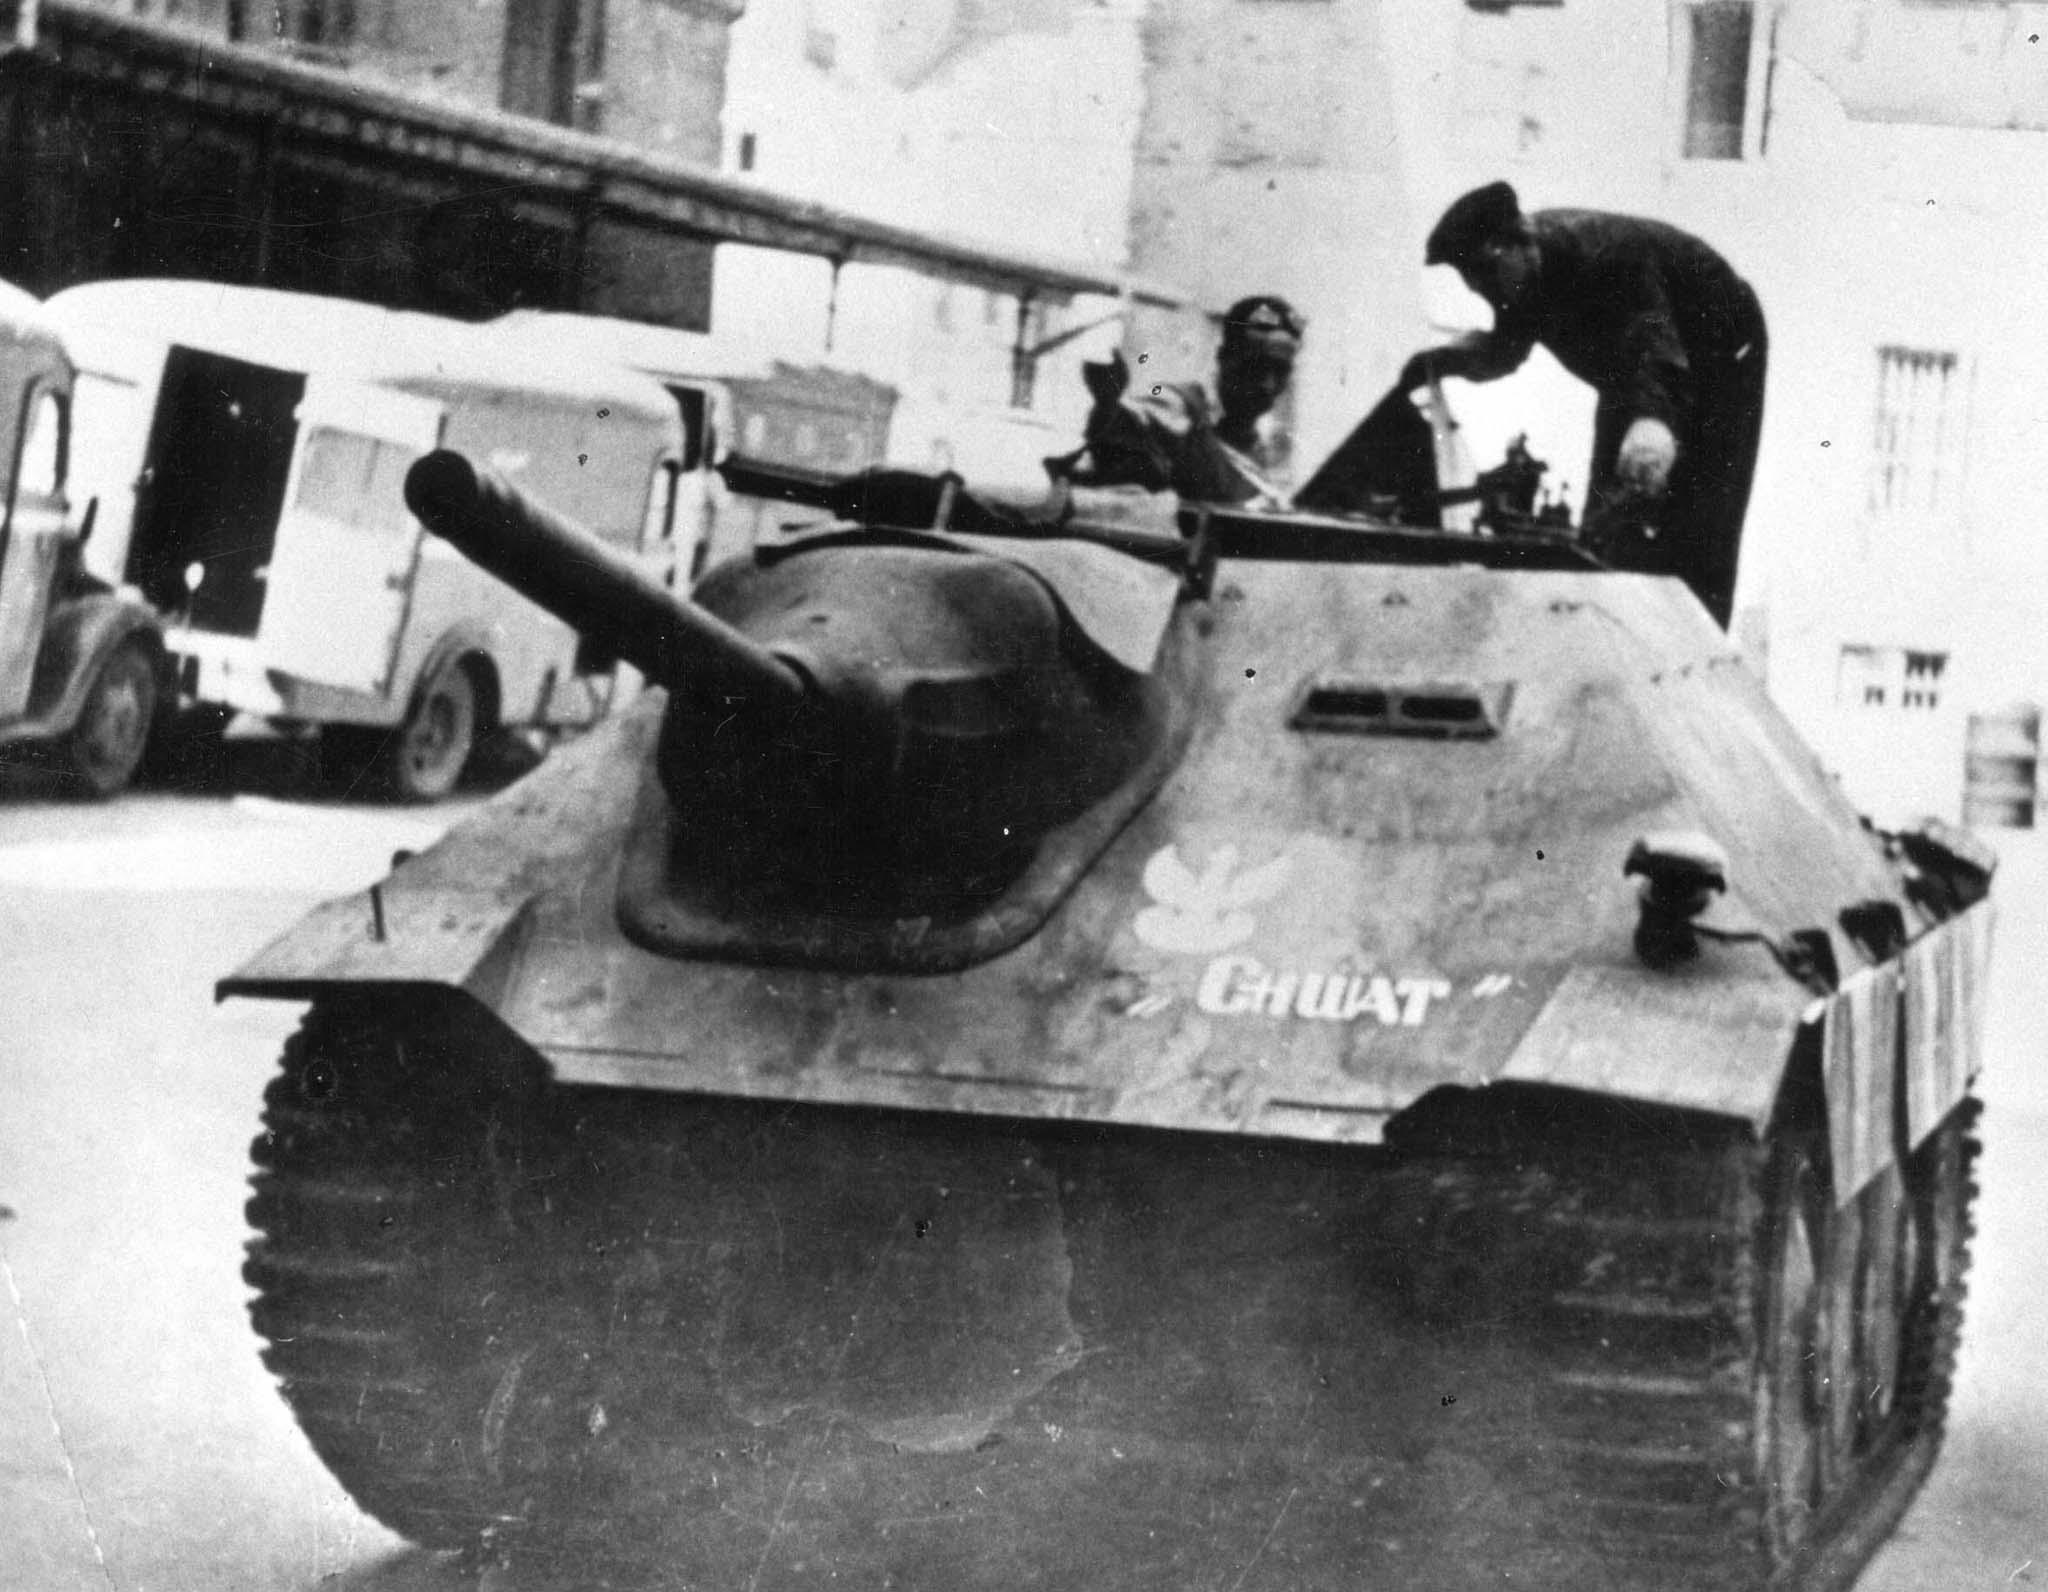 軽駆逐戦車ヘッツァーの画像 p1_18